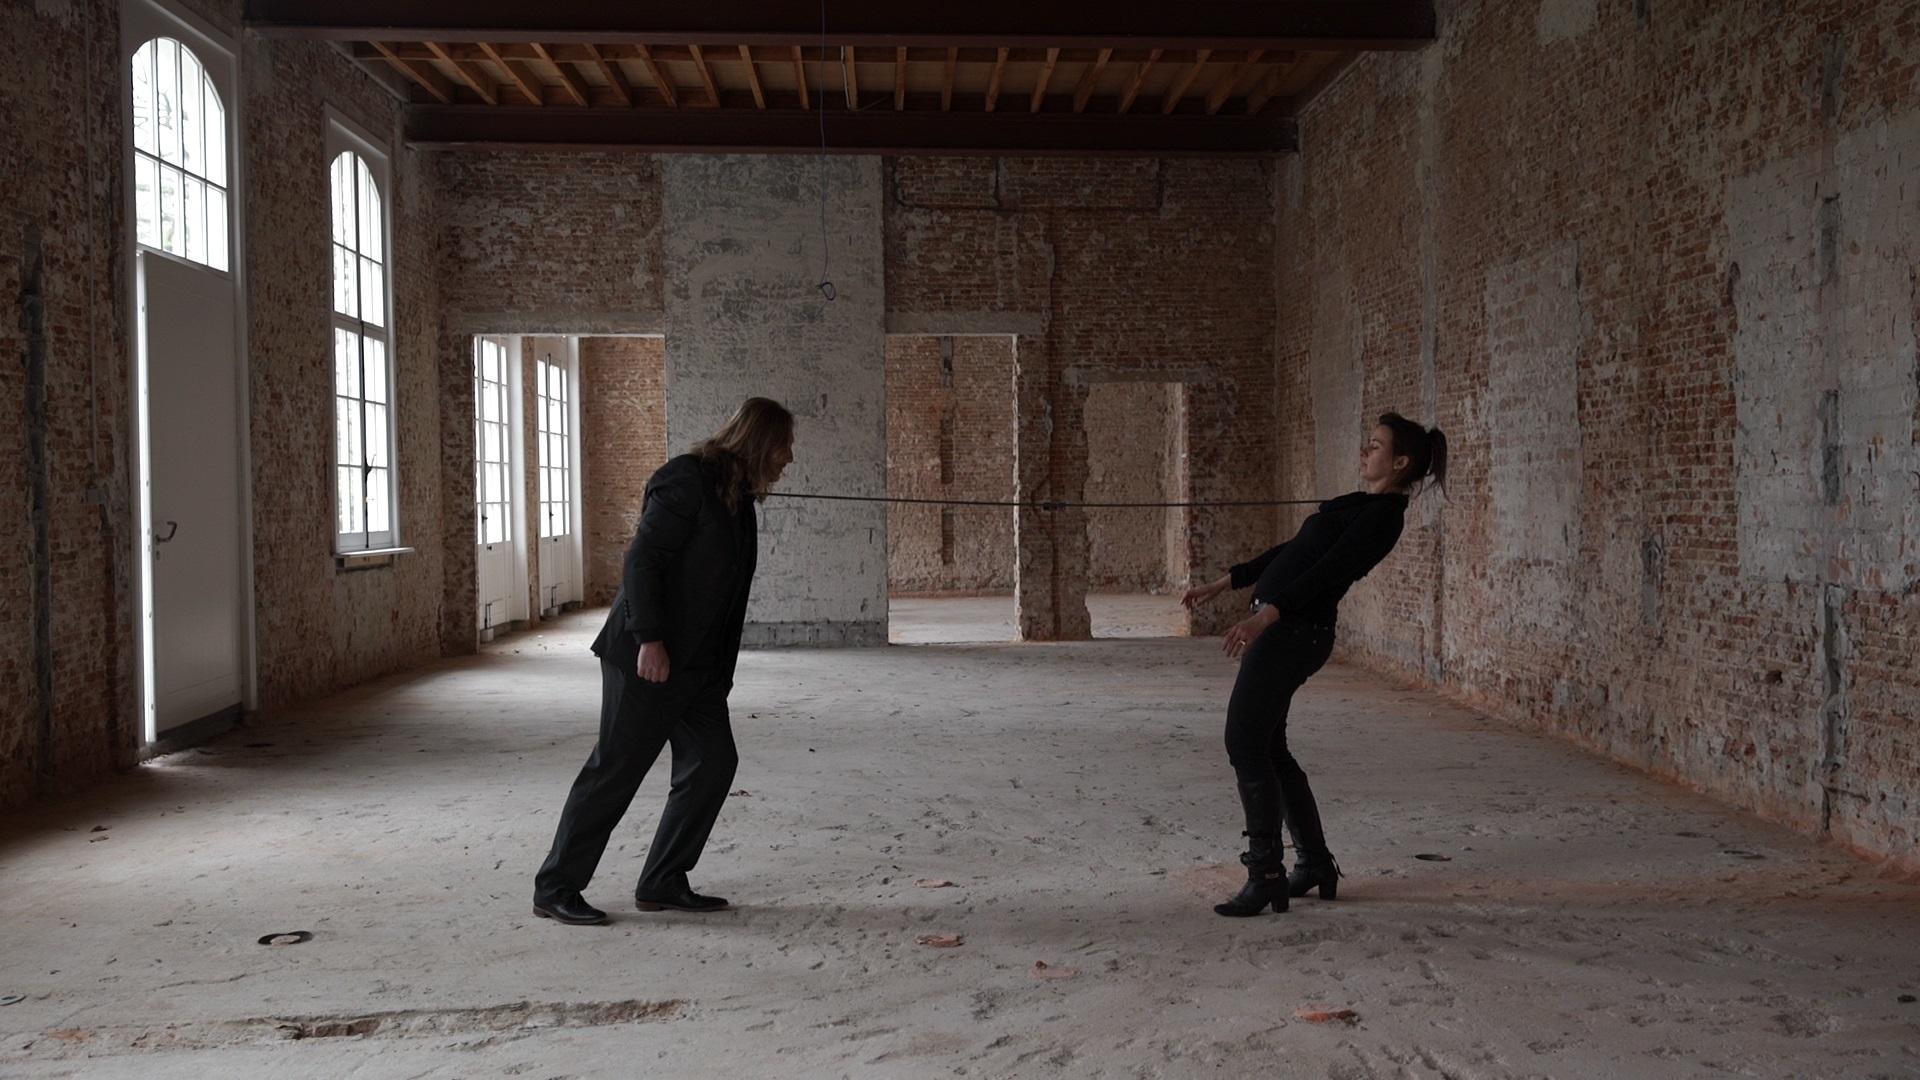 Spectacle de cirque proposé par le théâtre d'Arles, autour d'un duo énigmatique qui transforme les gestes en poésie muette.